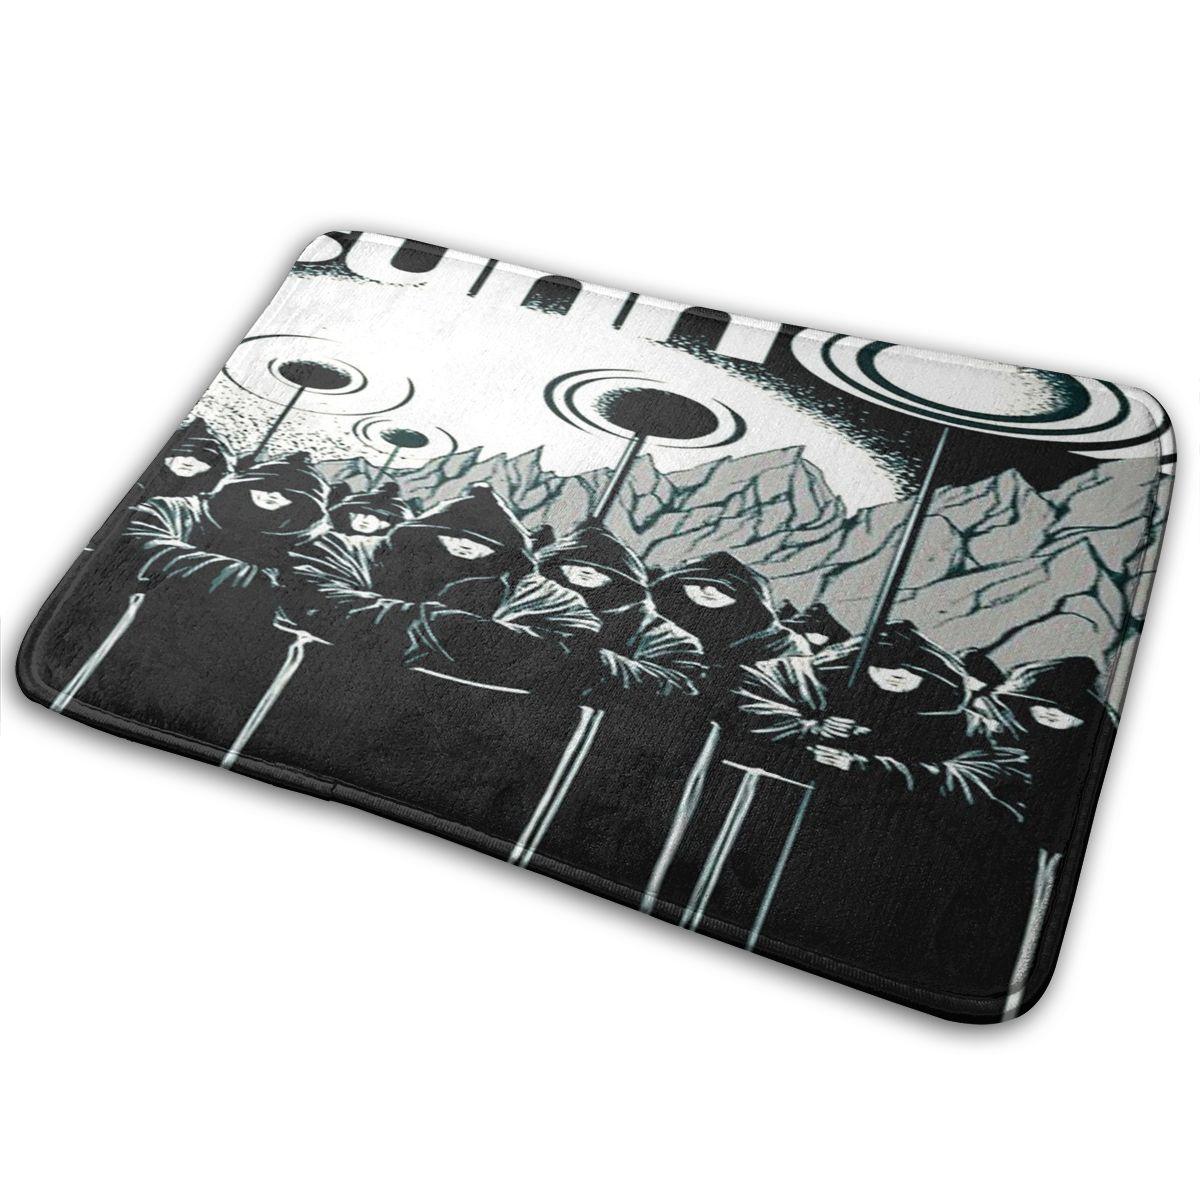 הטוב ביותר Sunn O 1 Tapis שטיח שטיח מטבח שטיחים רט מצלמות שטיח נמר